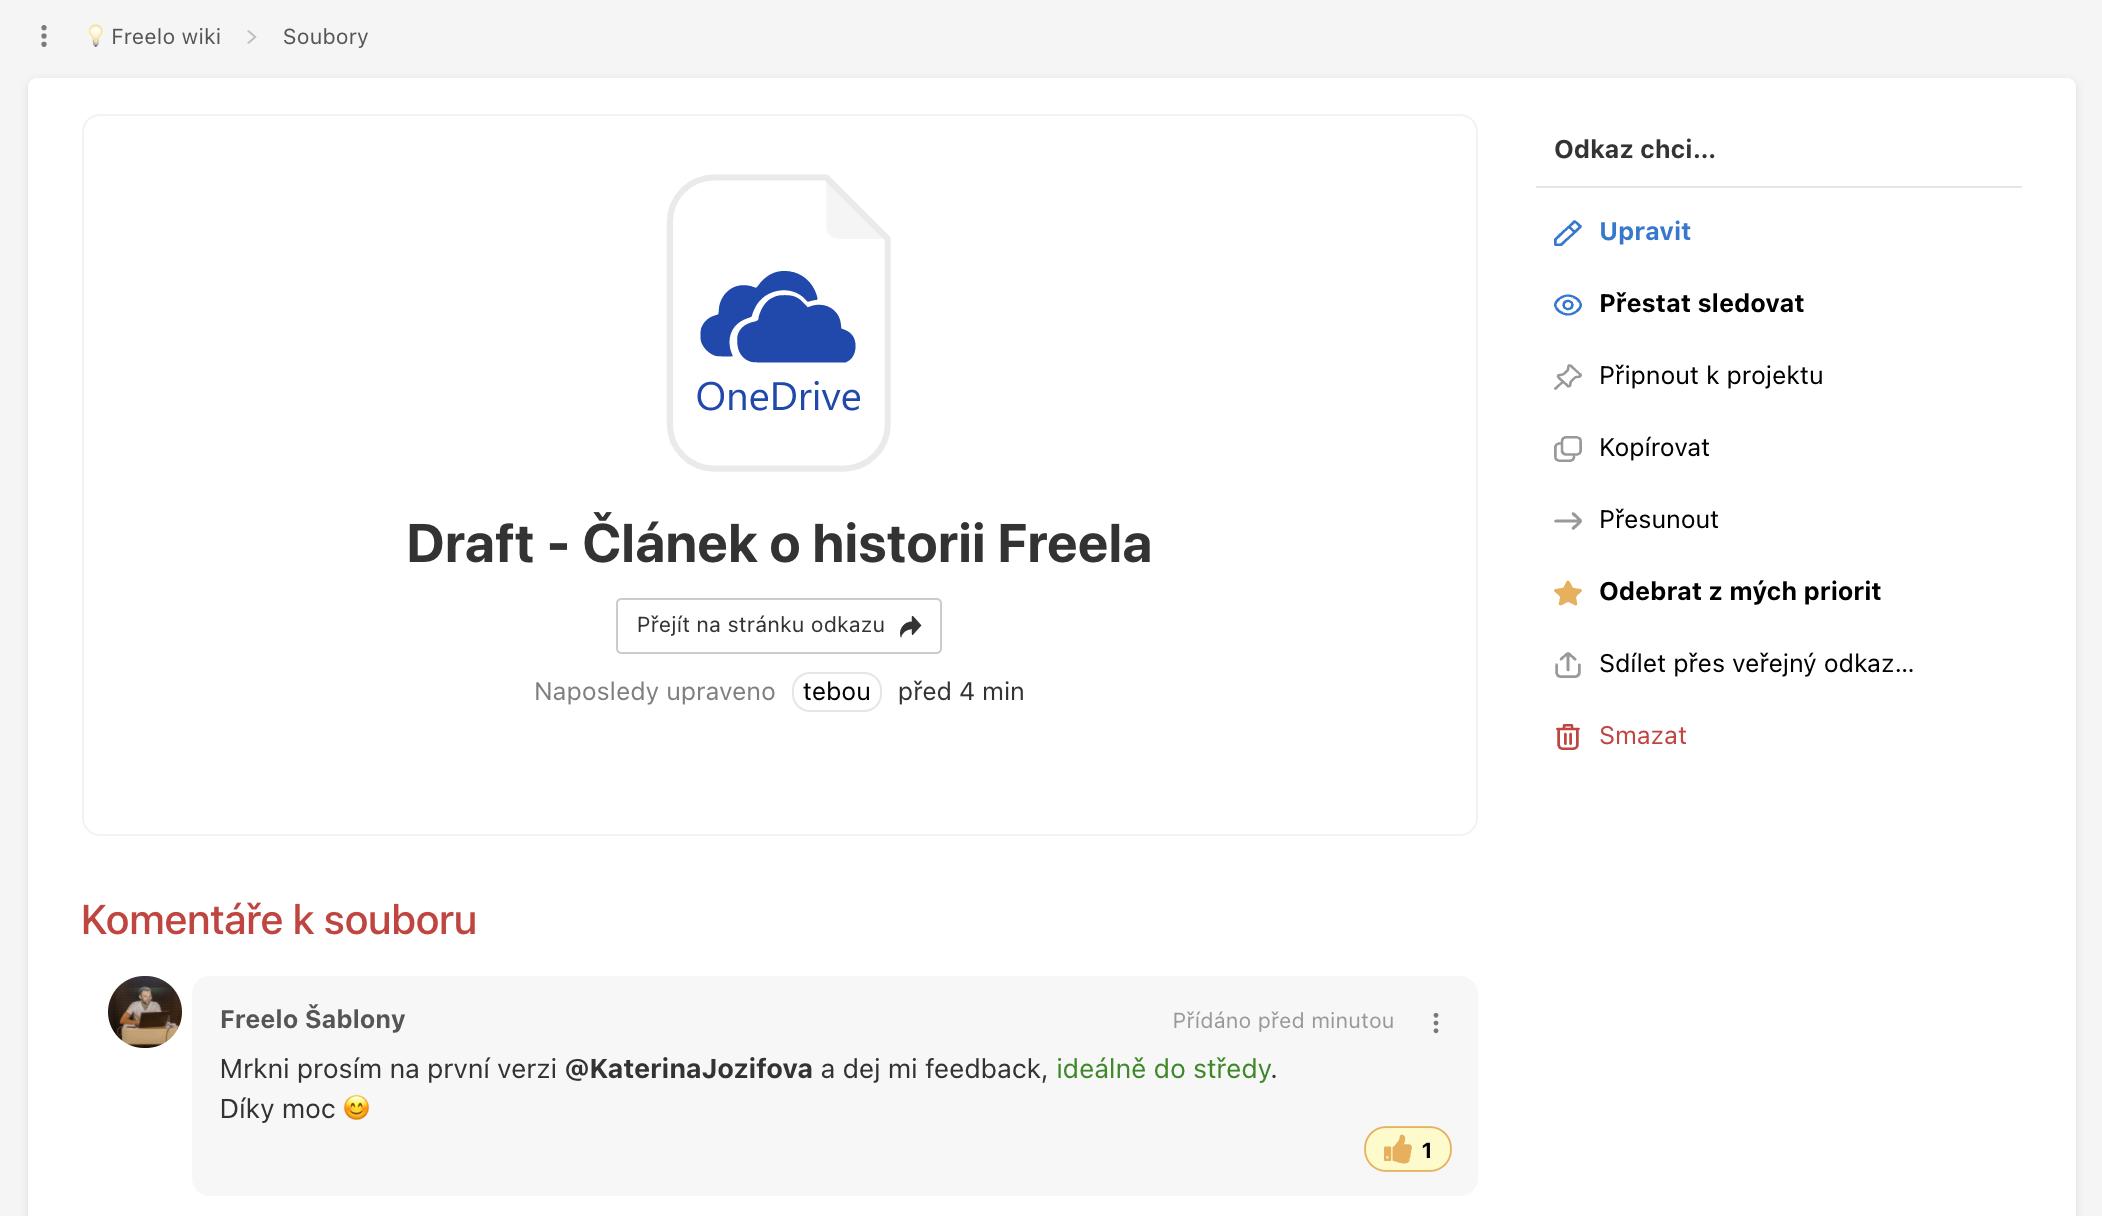 Ukázka detailu odkazu na soubor s komentářem z úložiště OneDrive.